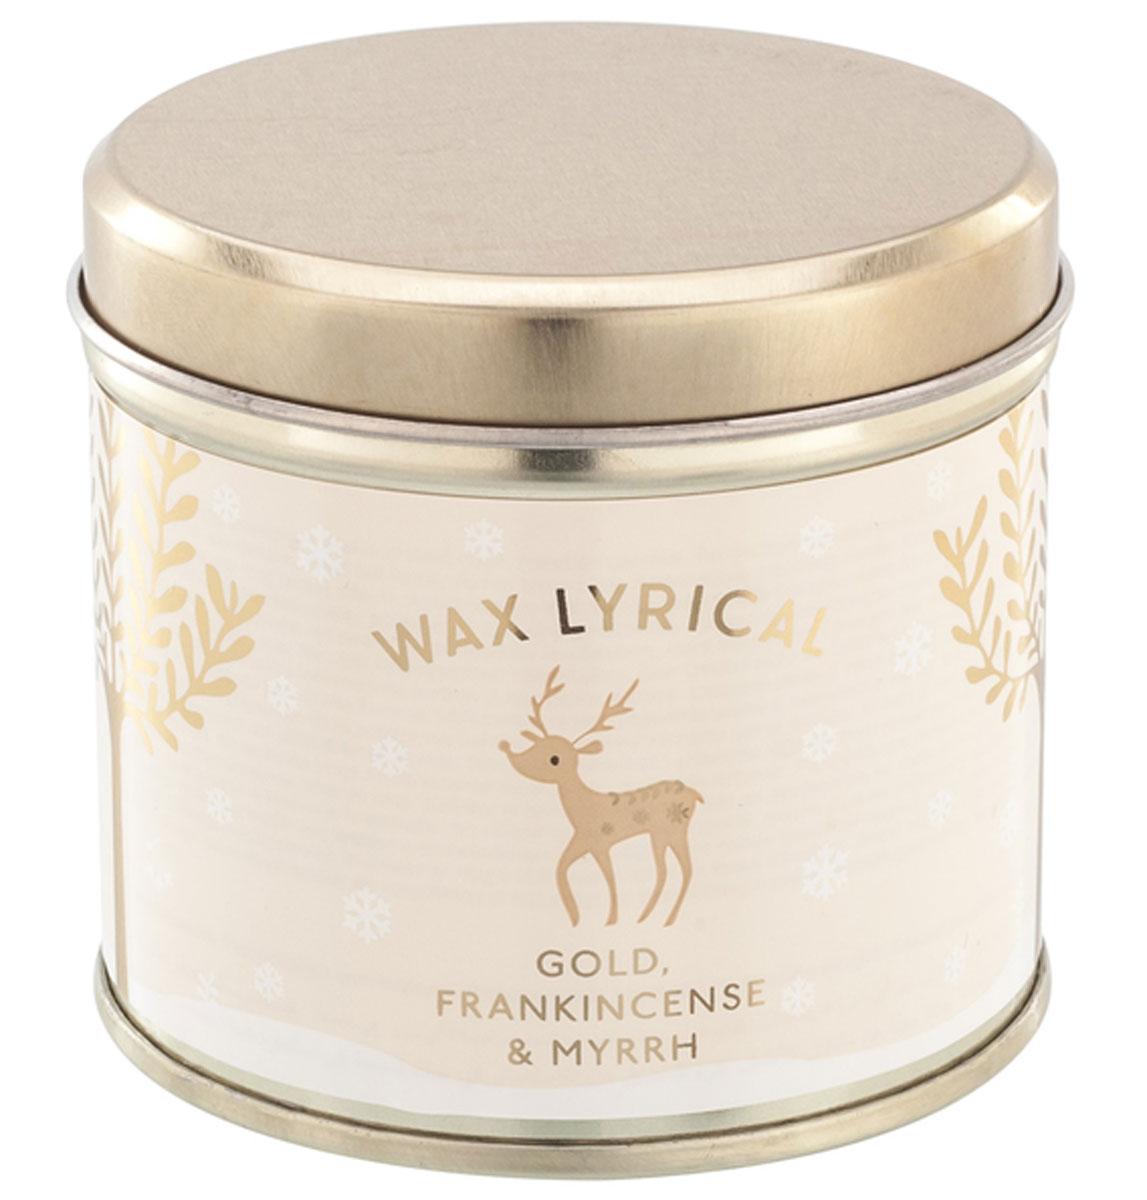 Свеча ароматизированная Wax Lyrical Зимний лес, 220 гCHR2025Свеча ароматизированная Wax Lyrical Зимний лес имеет богатый аромат, наполняющий пространство бархатными нотами карамели, ванили и цветами жасмина. Интересная теплая композиция, созданная специально для уютных зимних вечеров.